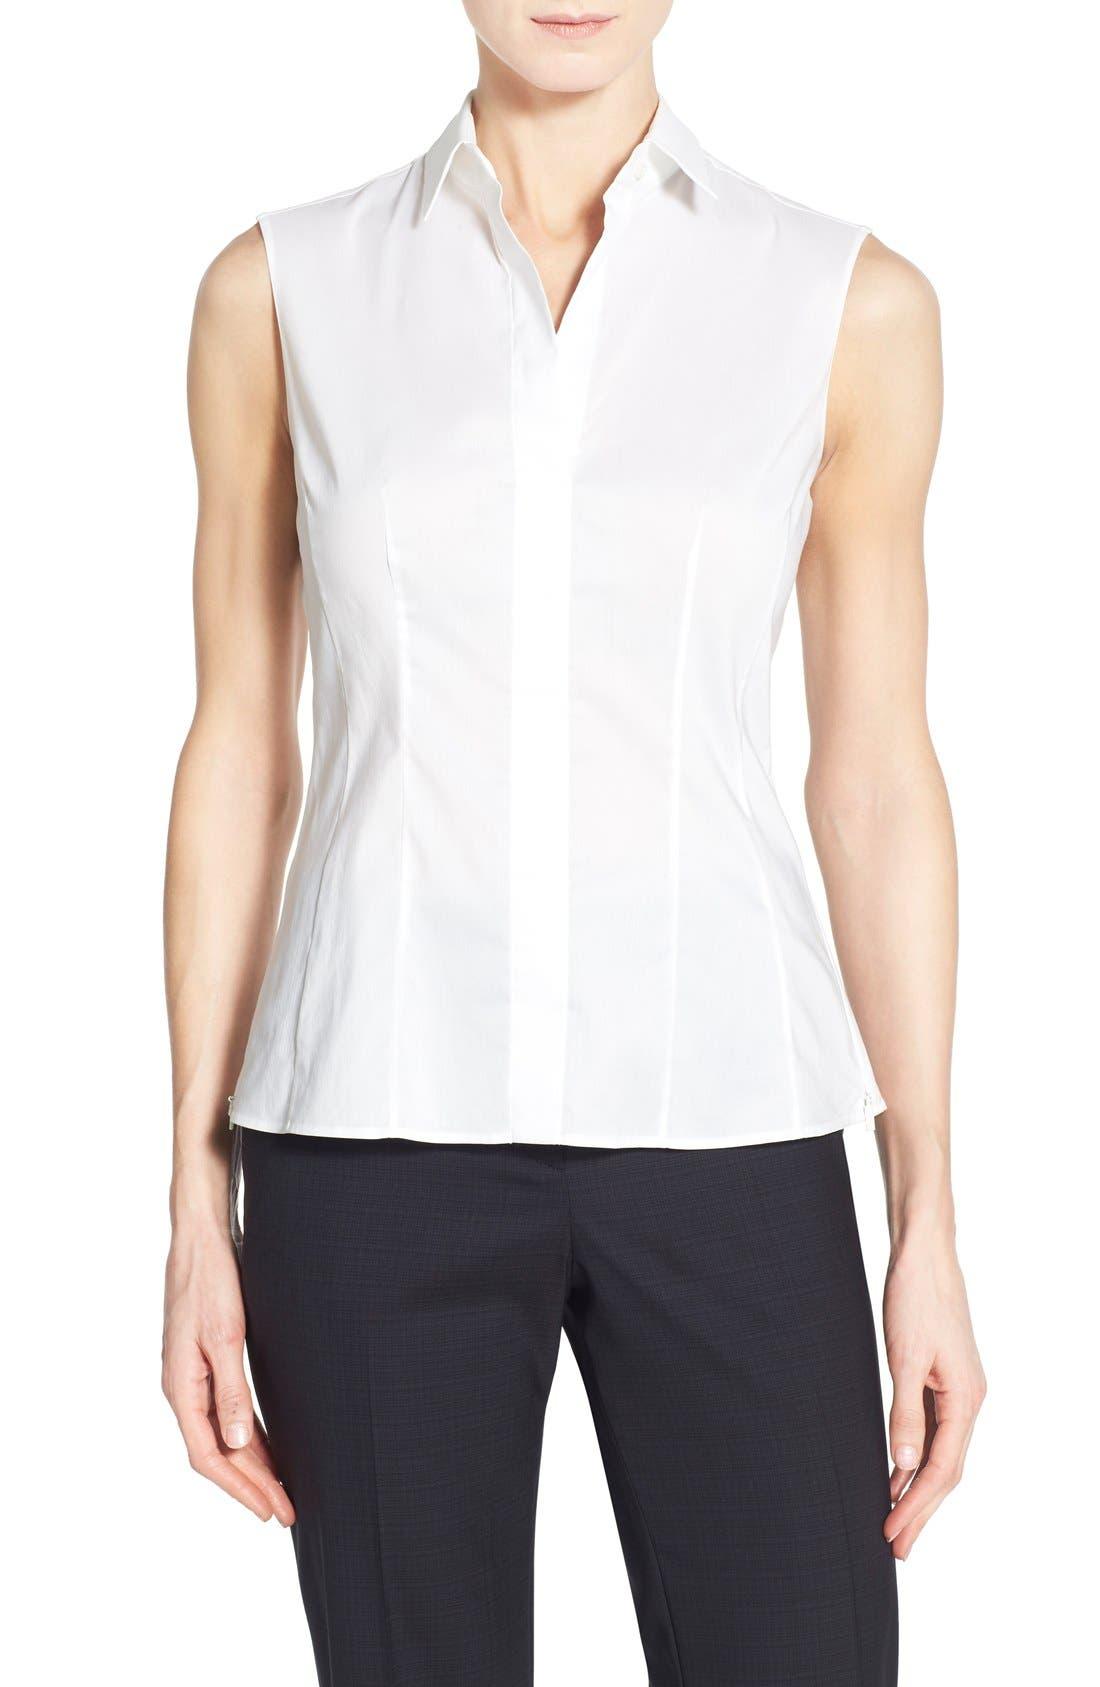 Main Image - BOSS 'Bashiva' Sleeveless Poplin Shirt (Regular & Petite)